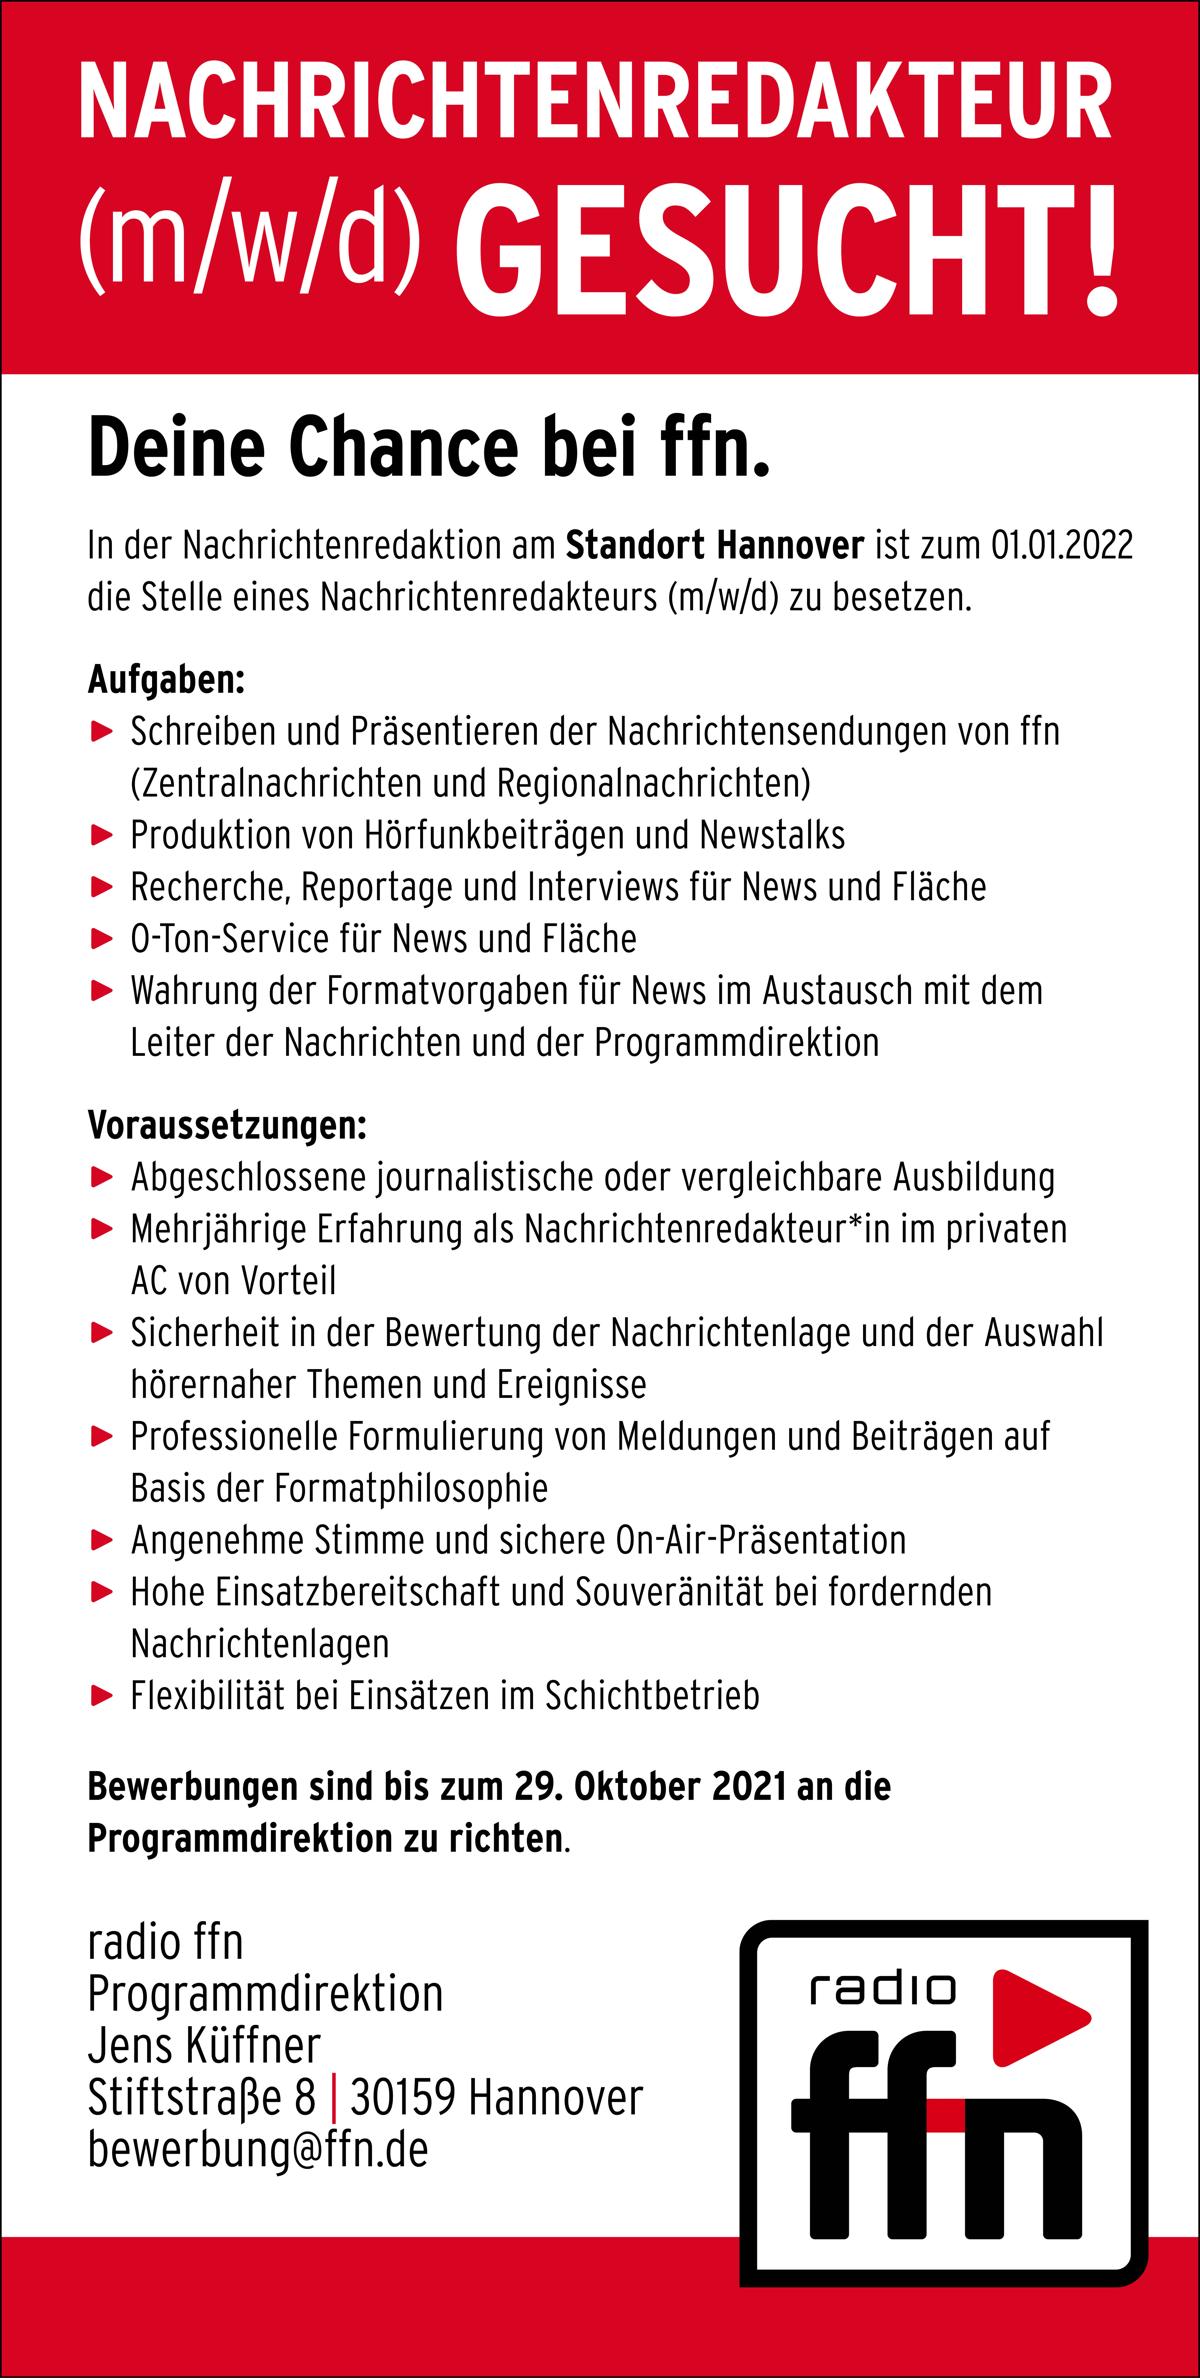 radio ffn sucht Nachrichtenredakteur (m/w/d)